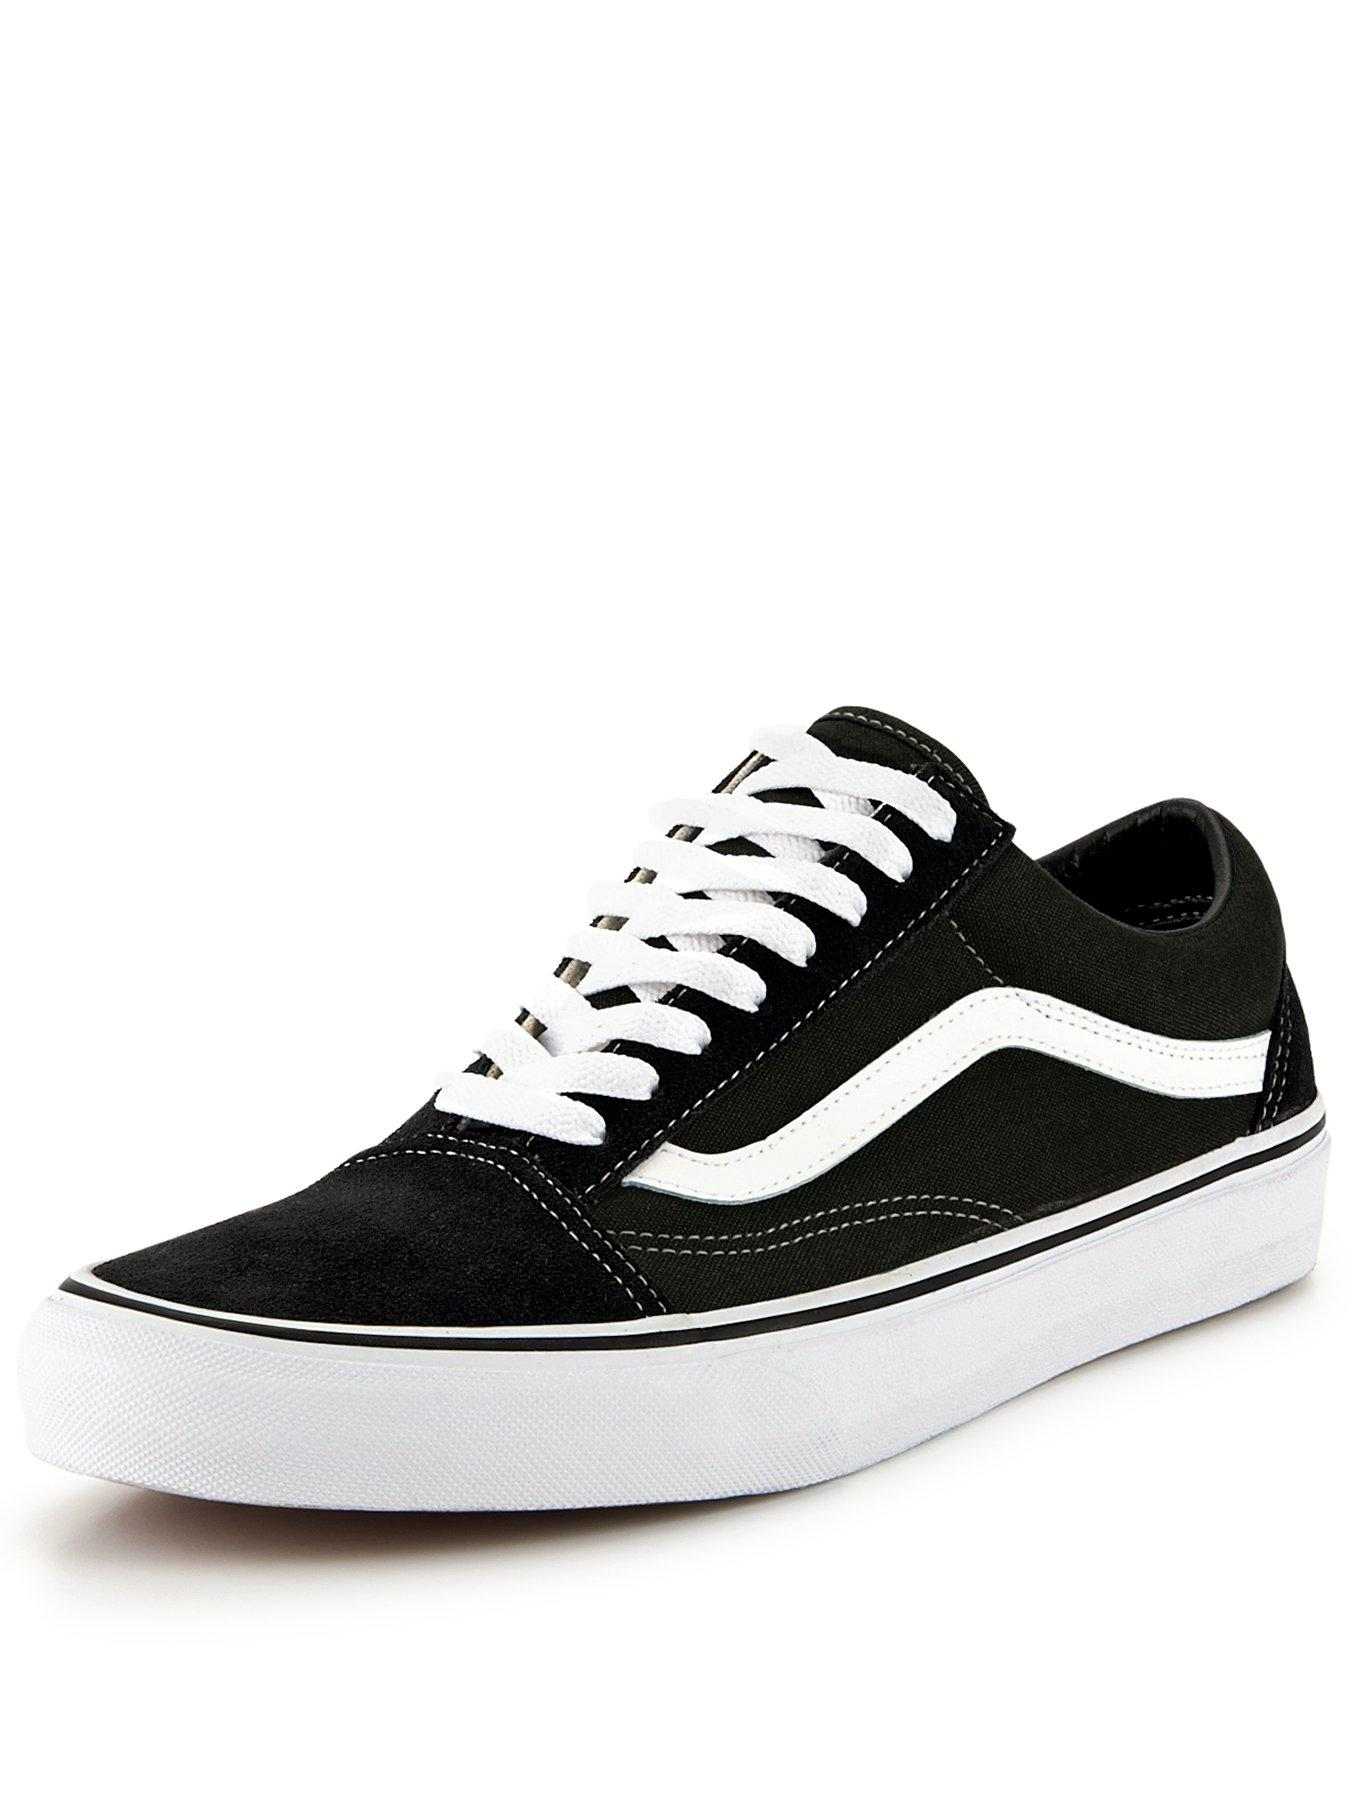 vans mens shoes near me